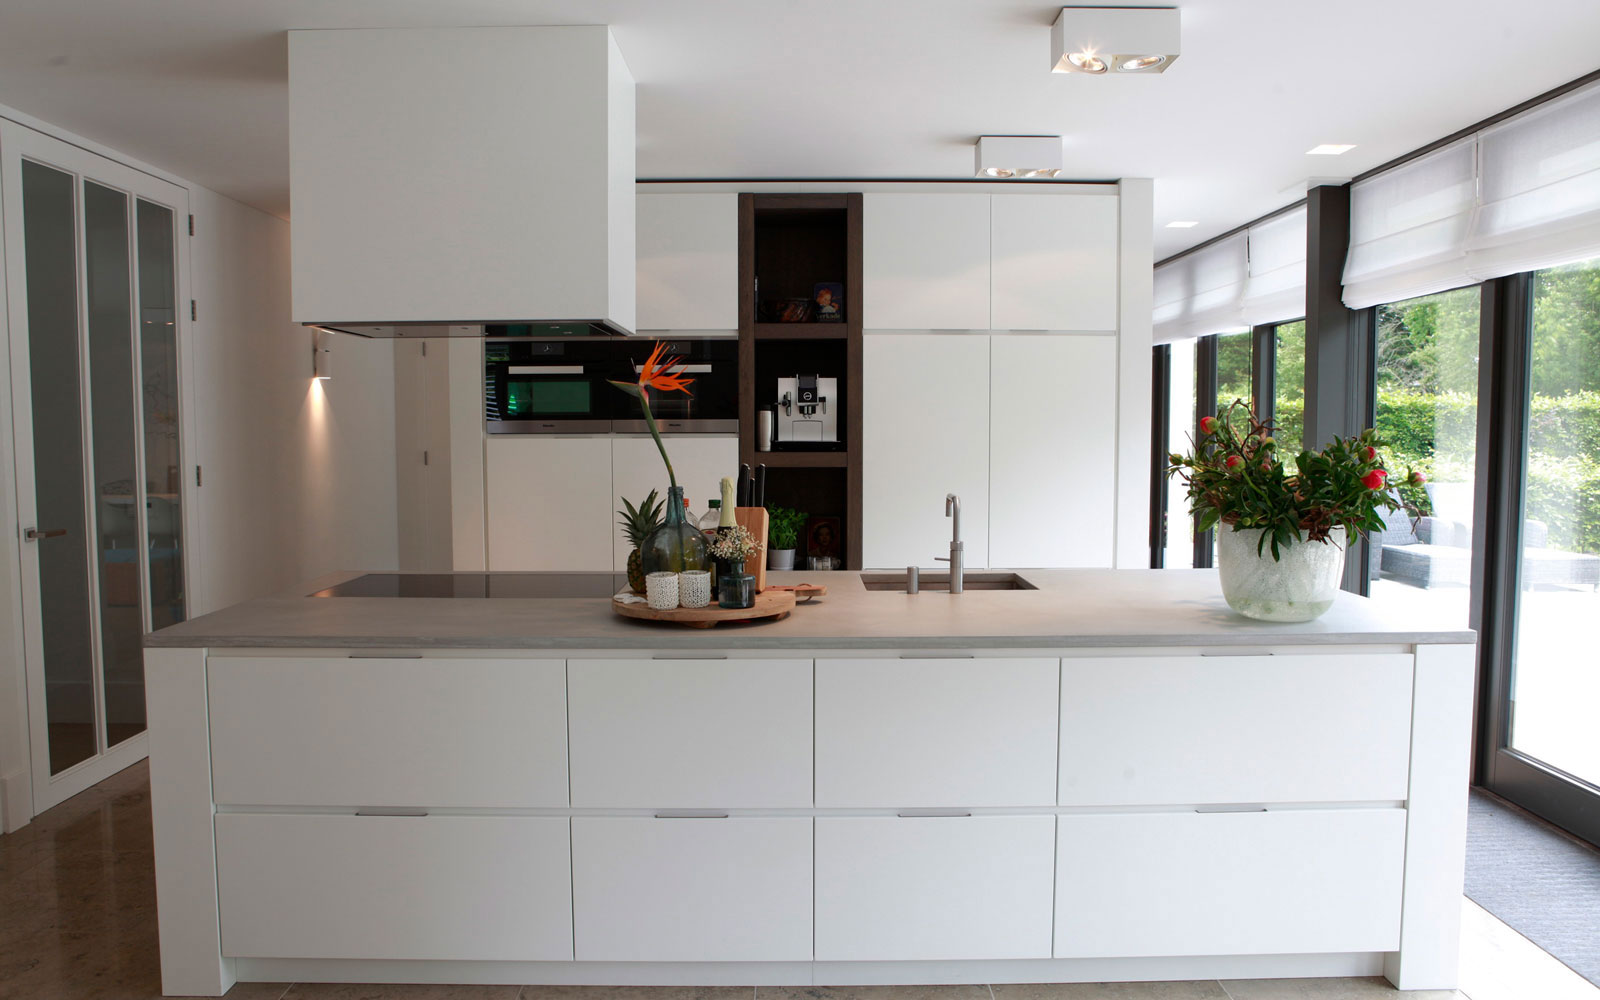 Keuken, kookeiland, maatwerk, strak en wit, afzuigkap, grote ramen, onderscheidende villa, Marco van Veldhuizen